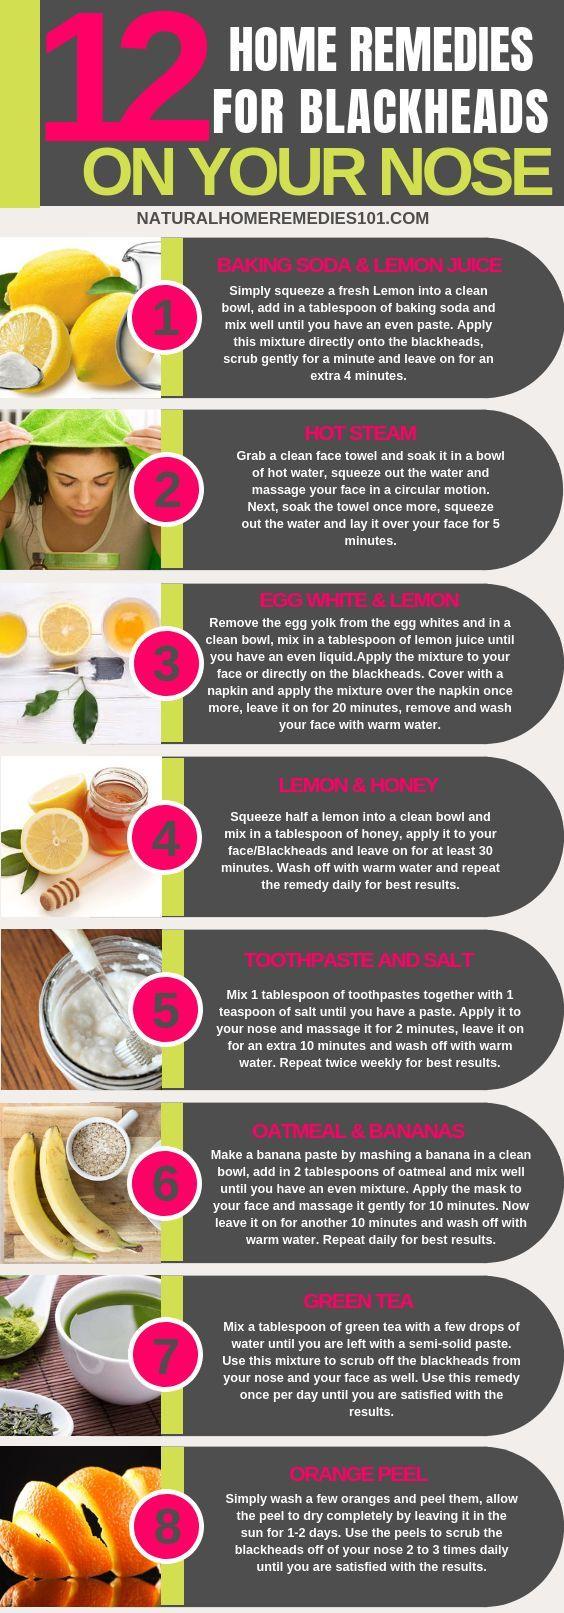 Haupthilfsmittel für Mitesser auf Nase